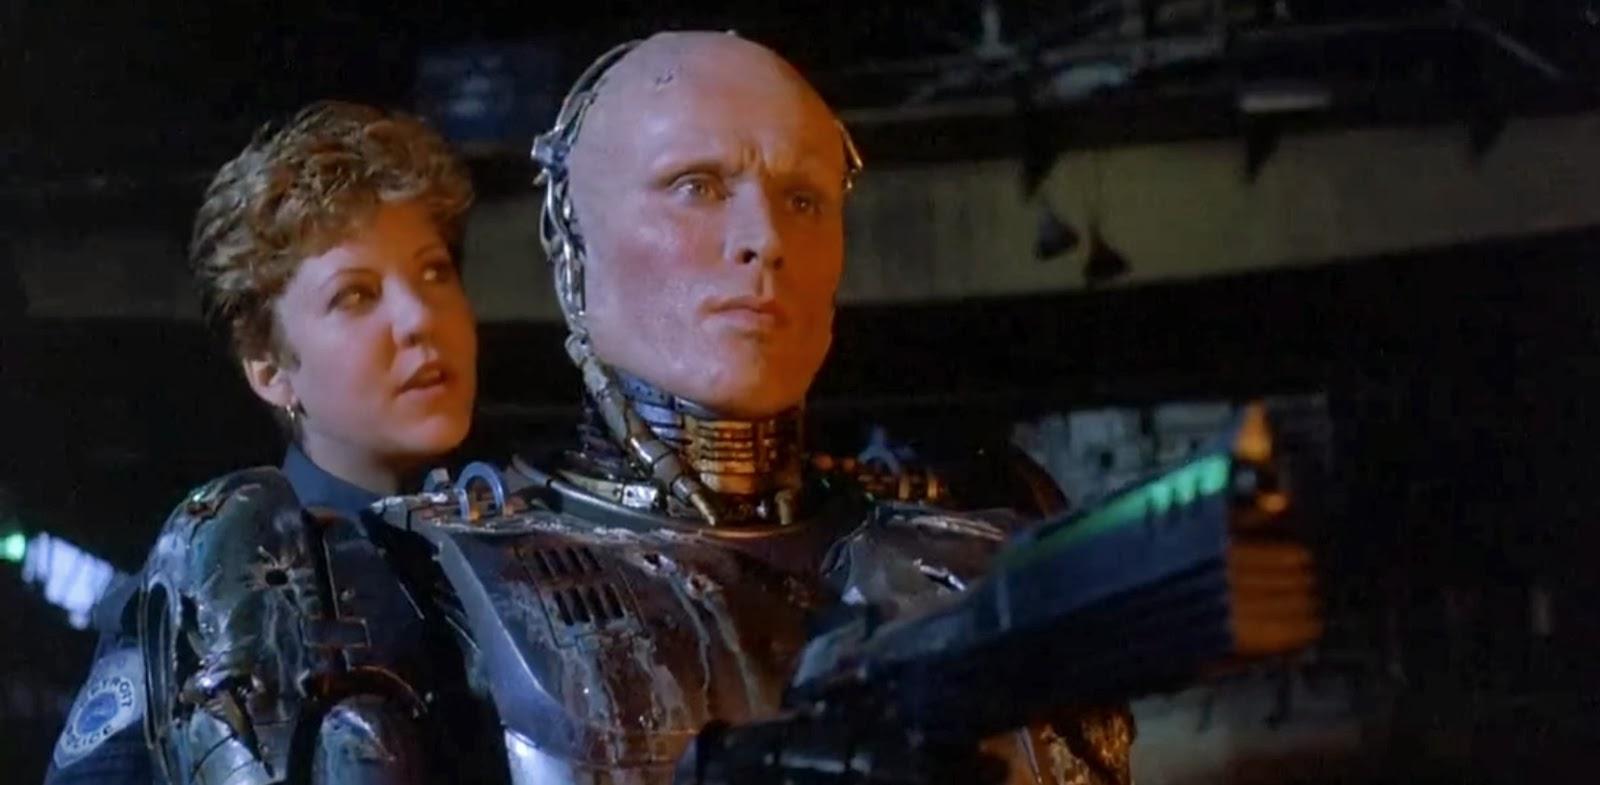 6. 10-11 Hours - Peter Weller as RoboCop